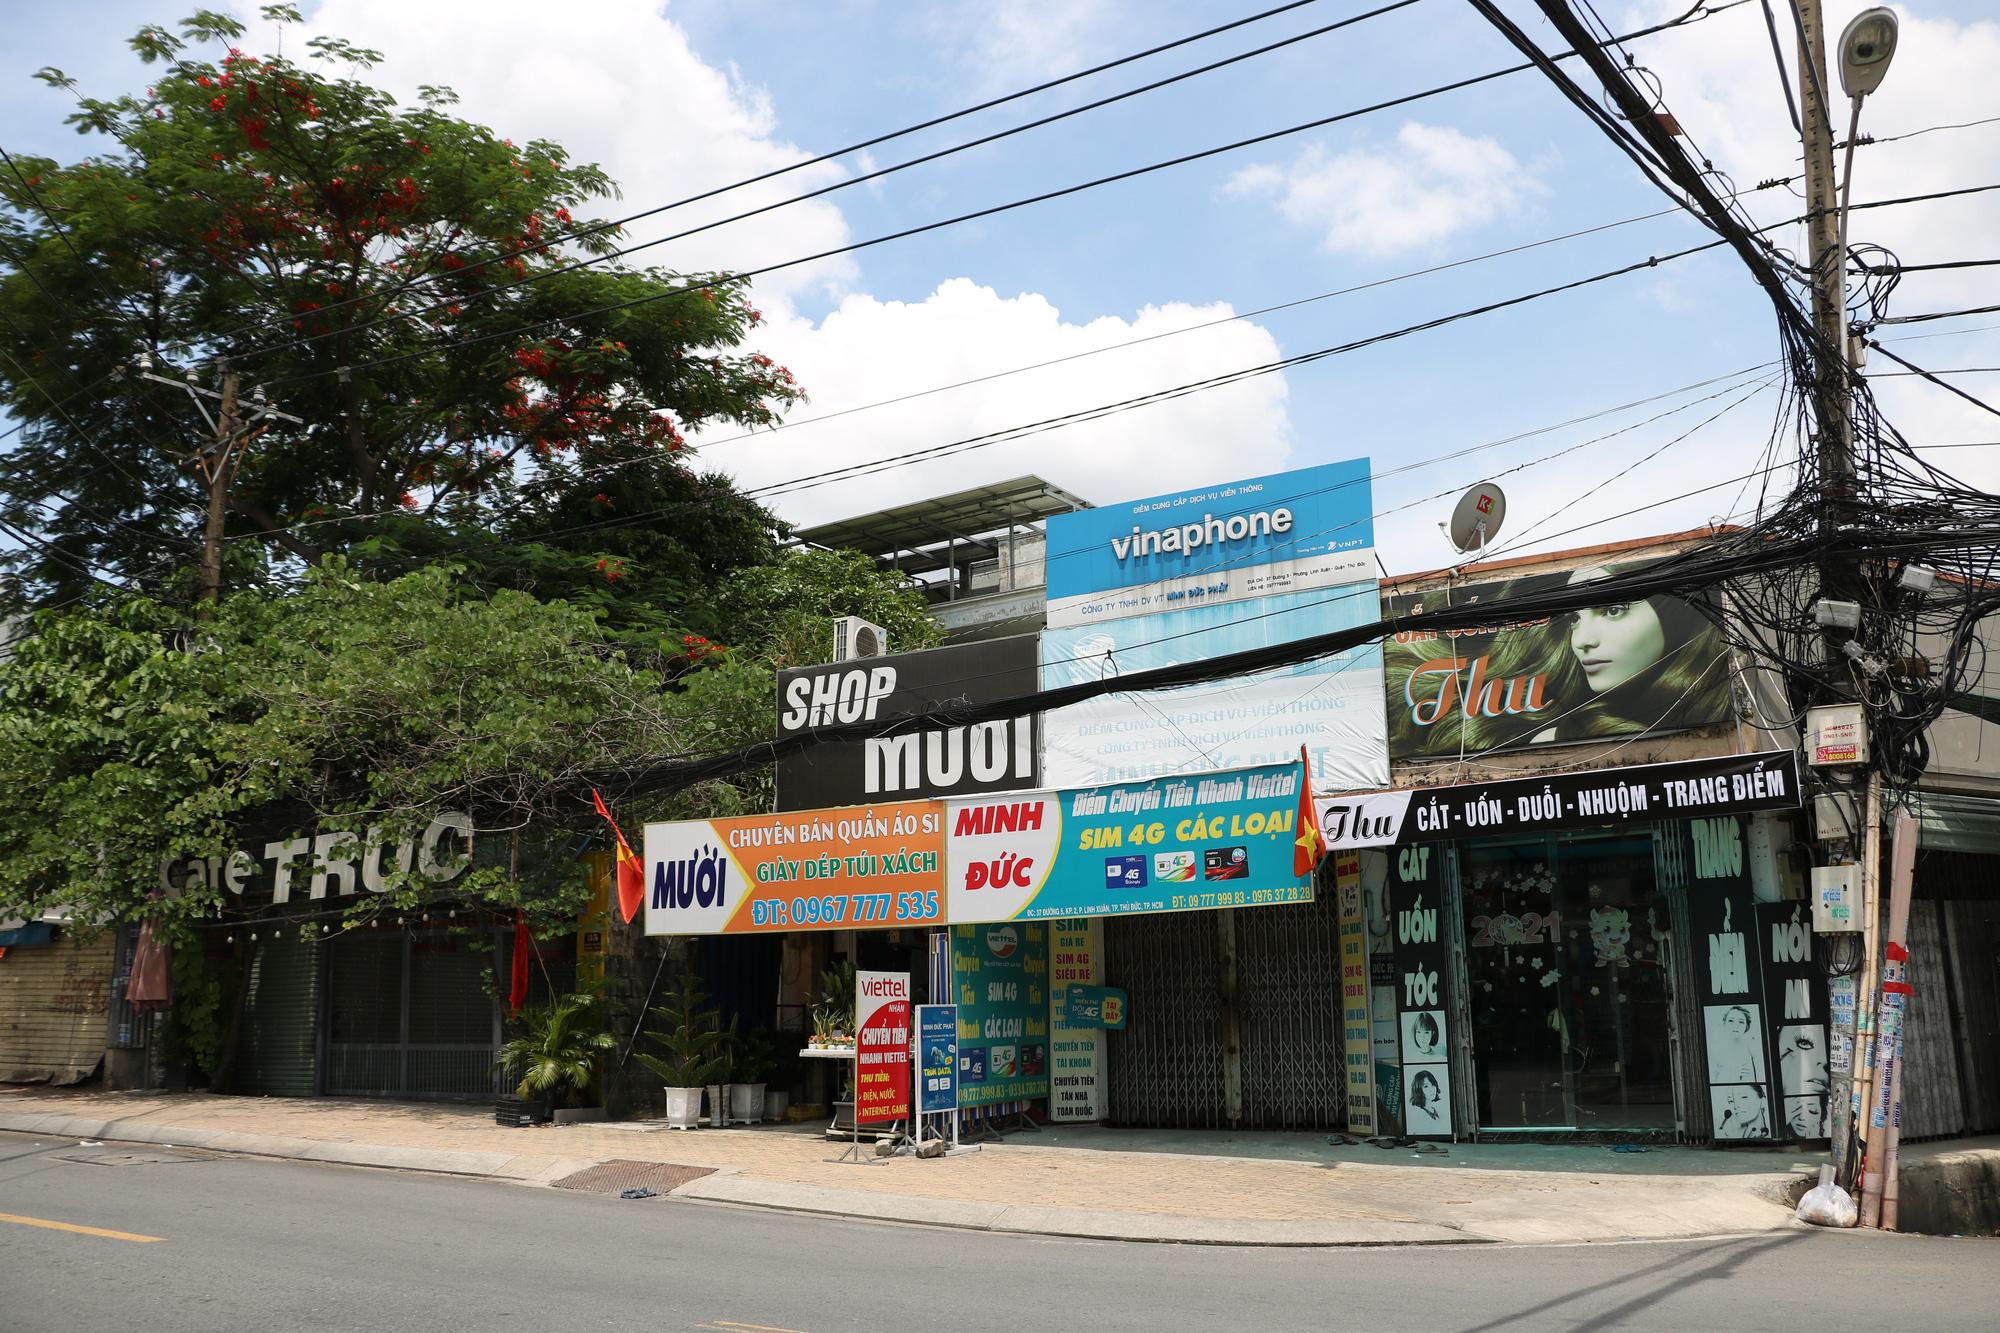 4 khu đất dính quy hoạch tại phường Linh Xuân, TP Thủ Đức [phần 2] - Ảnh 9.